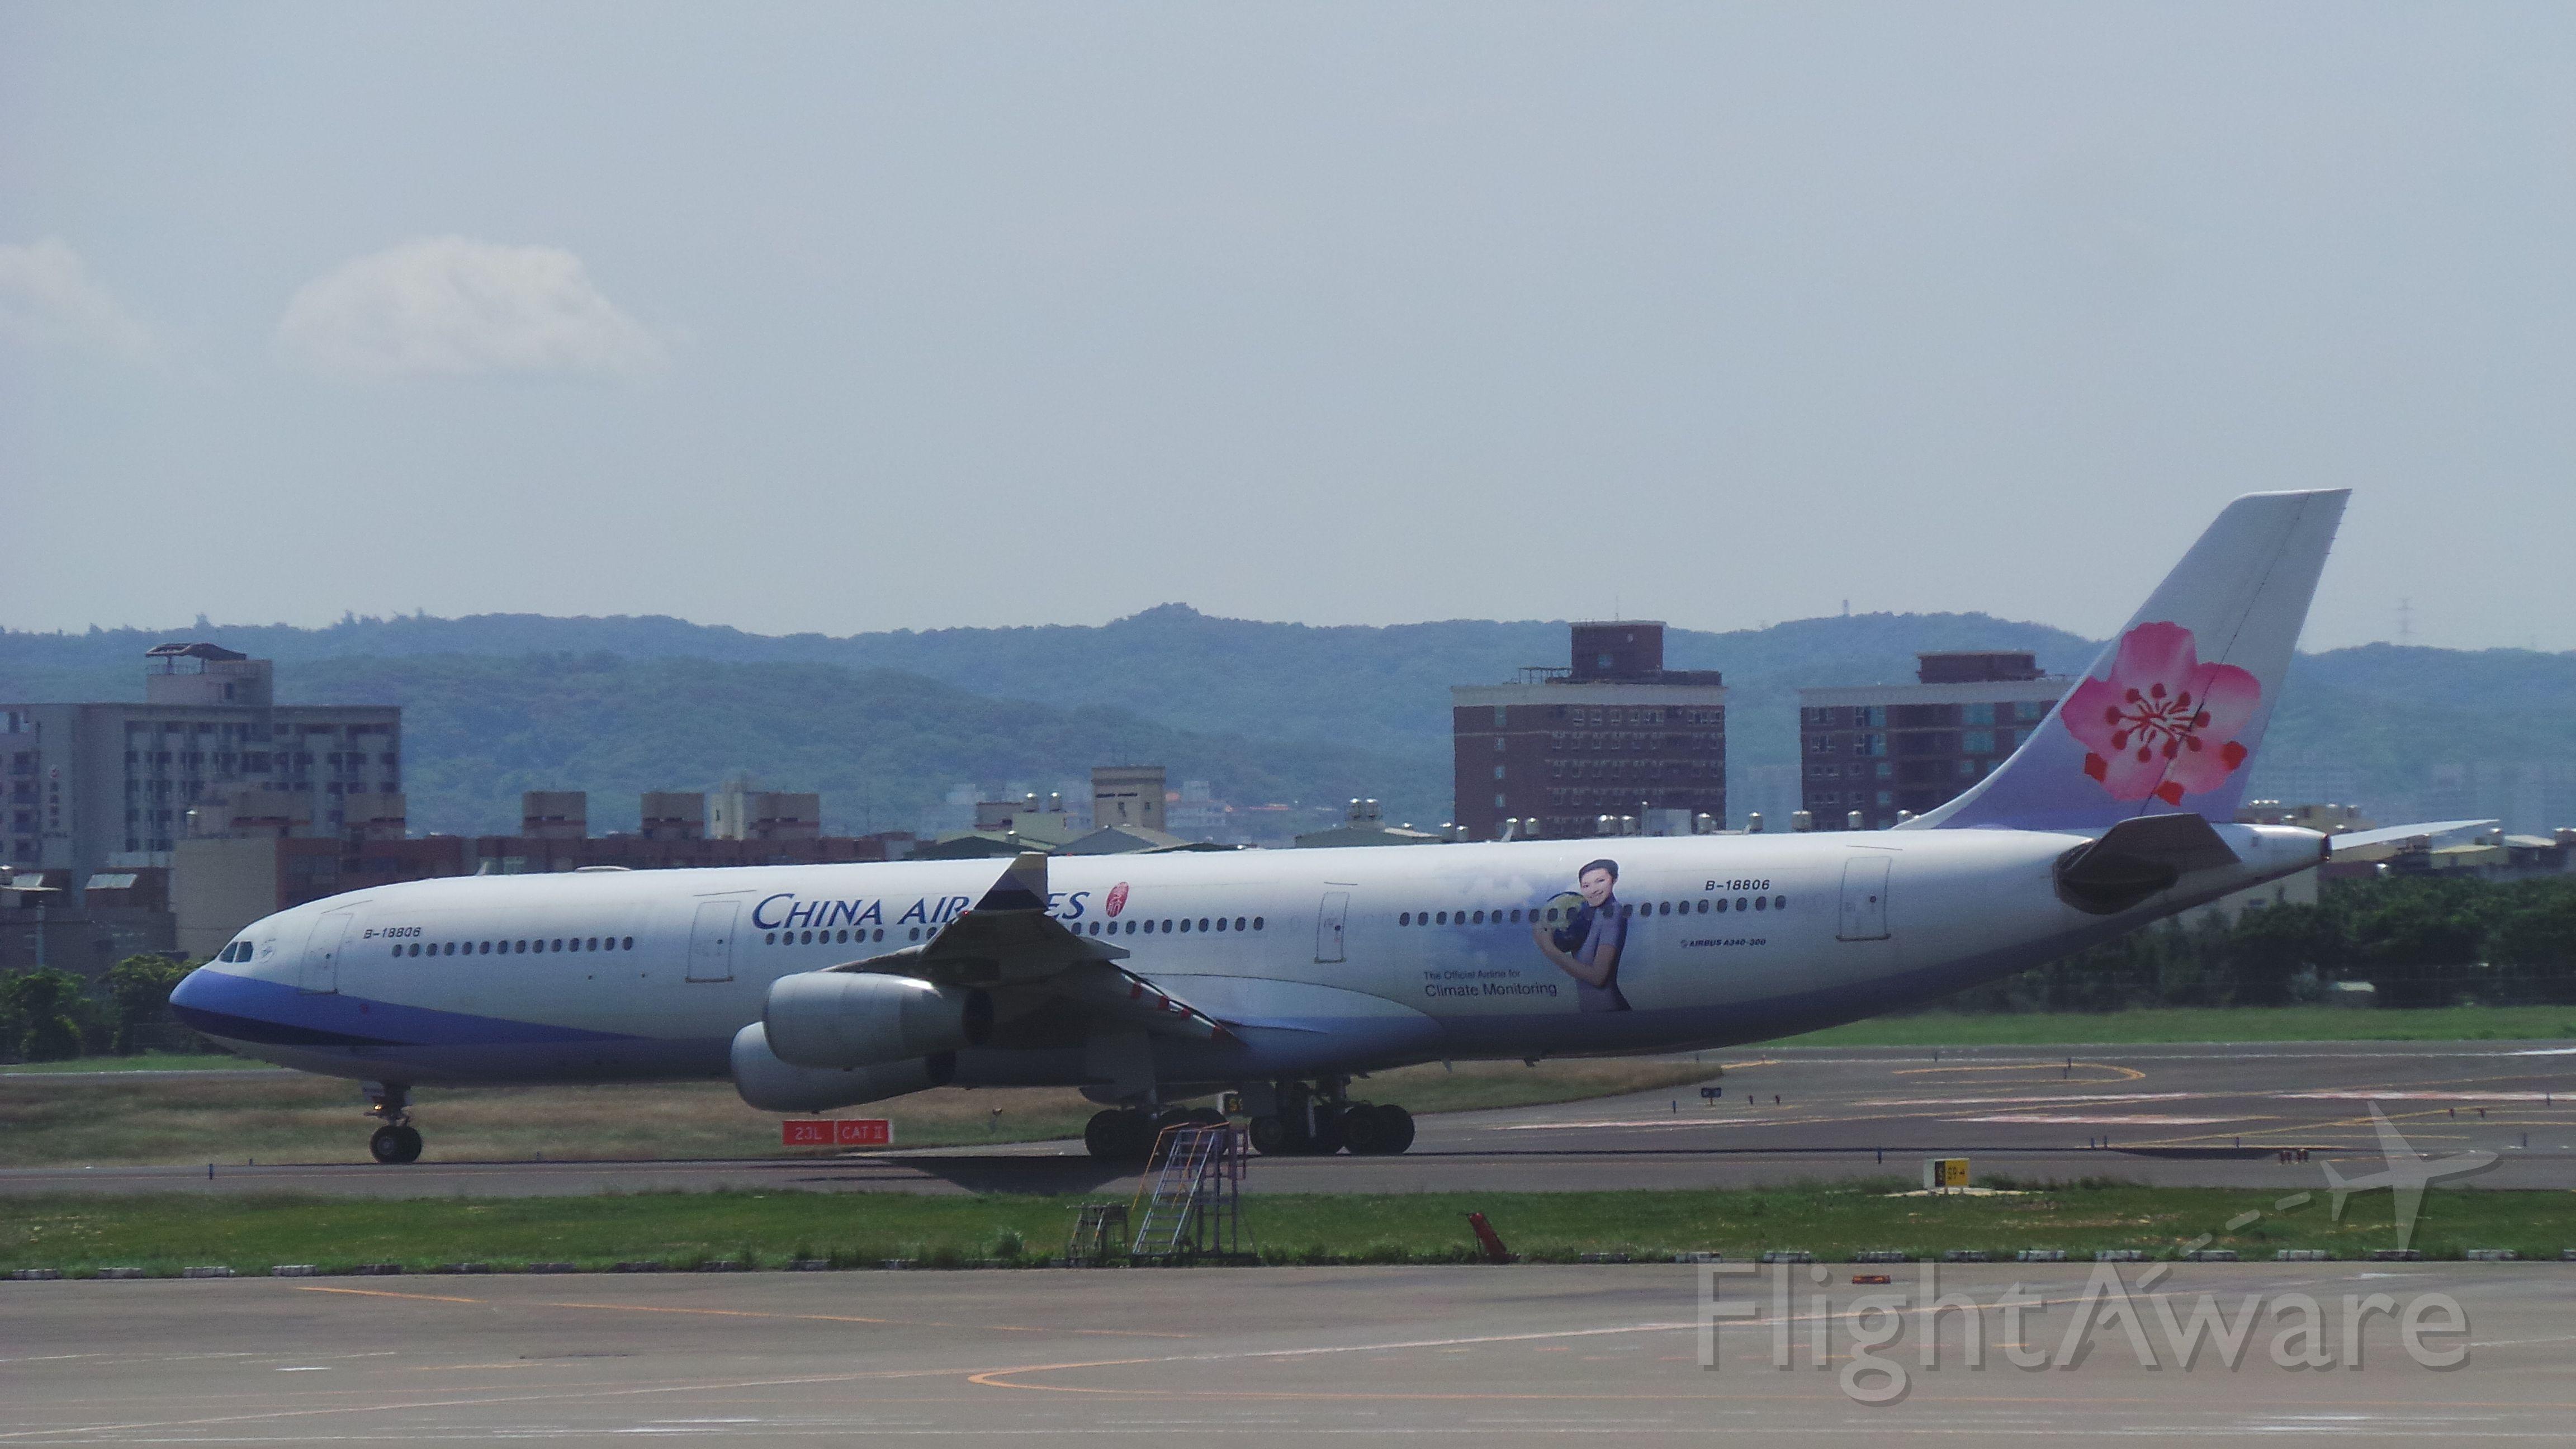 Airbus A340-300 (B-18806)